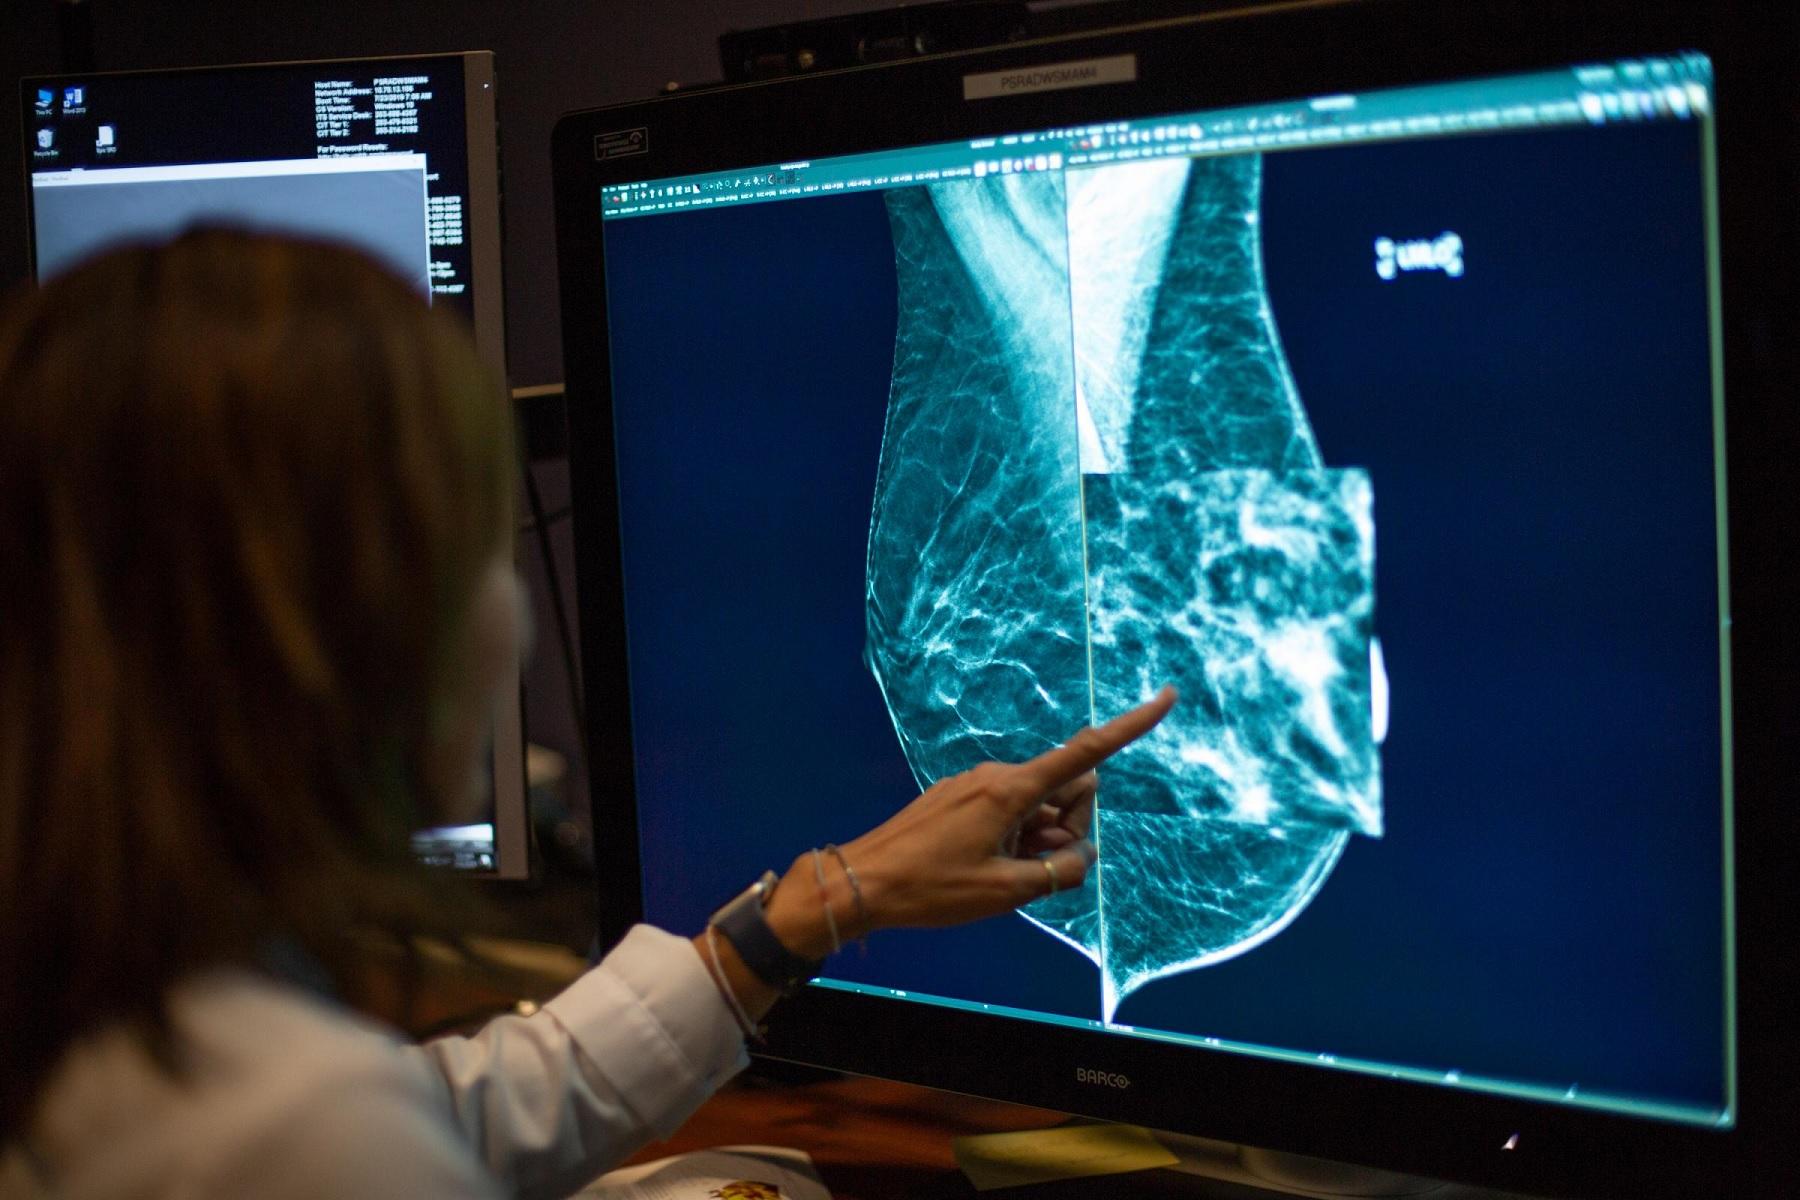 Καρκίνος μαστός θεραπεία: Νέες ανακαλύψεις για την αντιμετώπισή του